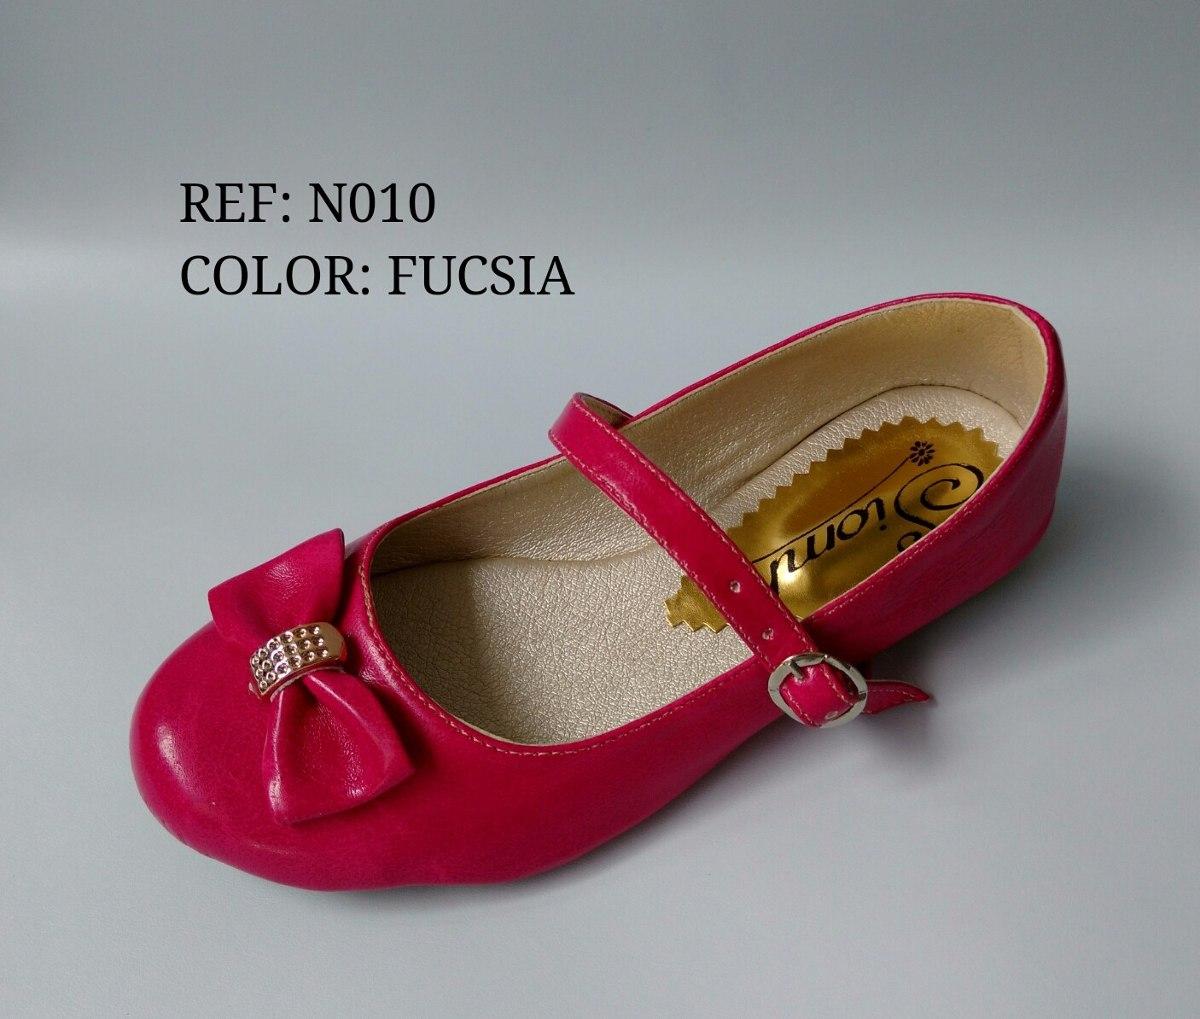 bf258ec10f133 Baleta fucsia calzado para niña zapato infantil envío gratis cargando zoom  jpg 1200x1019 Imagenes de zapatos